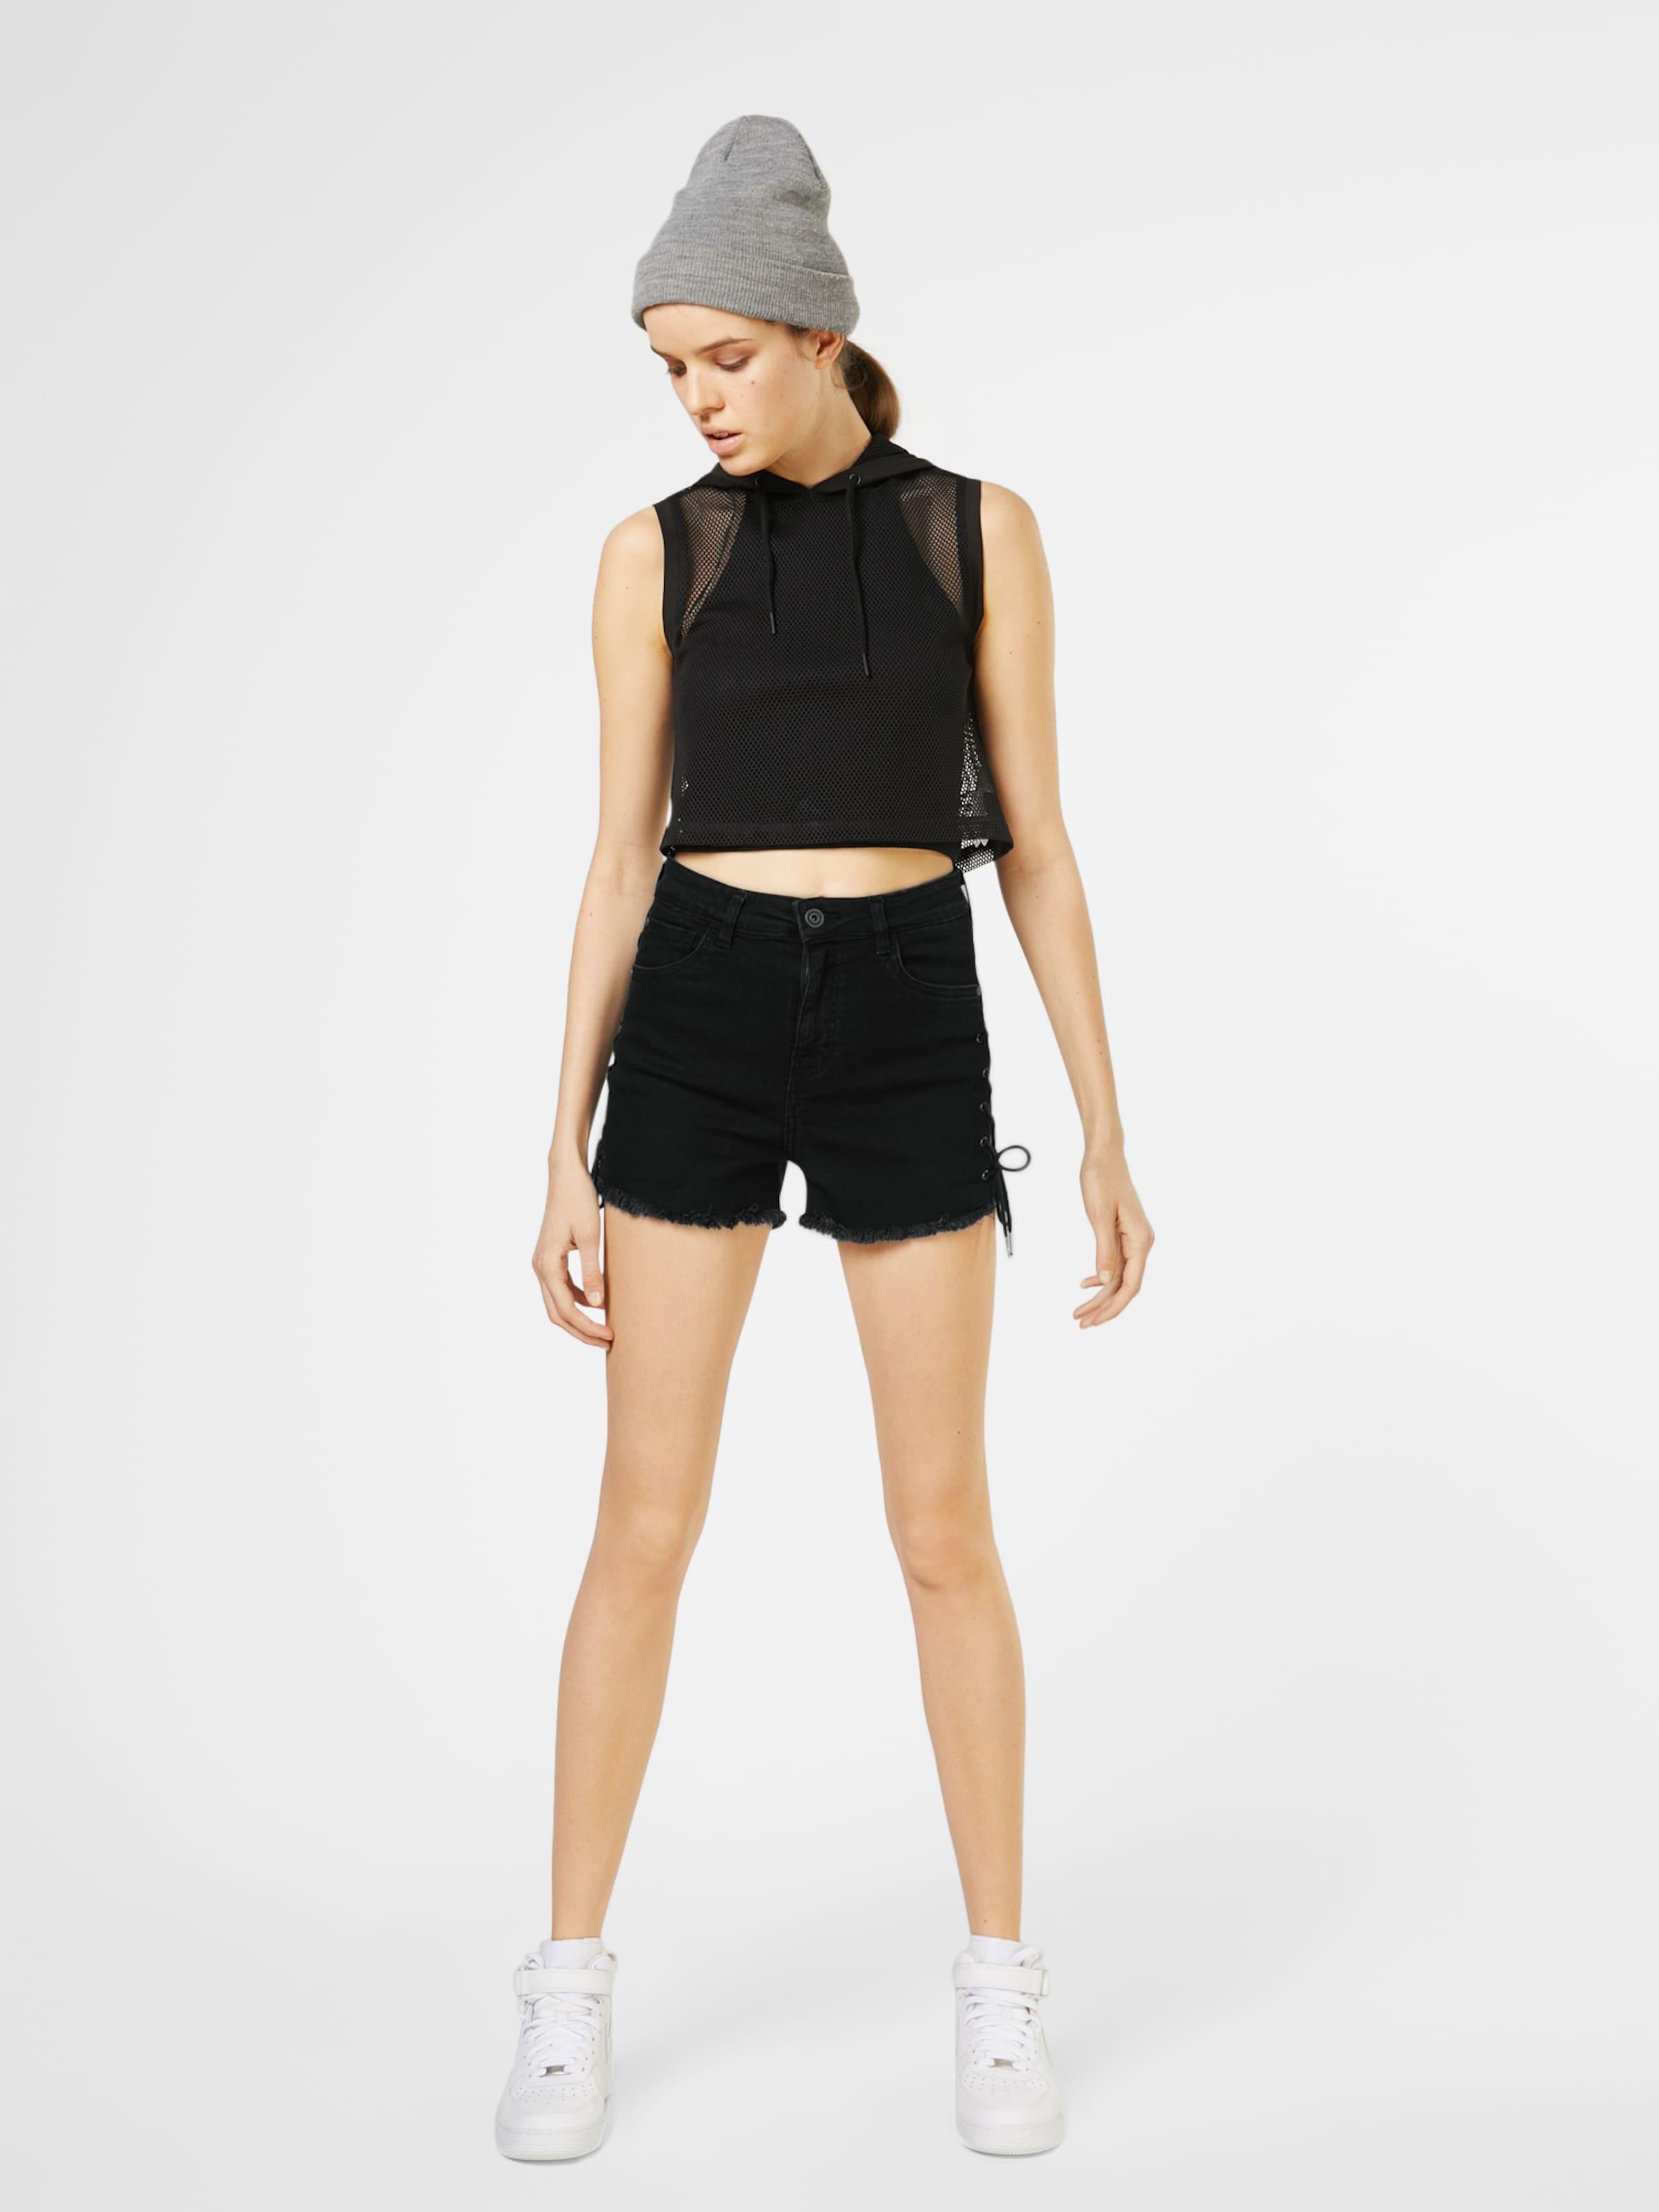 Urban Classics Shorts Sehr Billig Viele Arten Von Günstiger Online Billig Verkauf Neue Stile j7LWuiZA